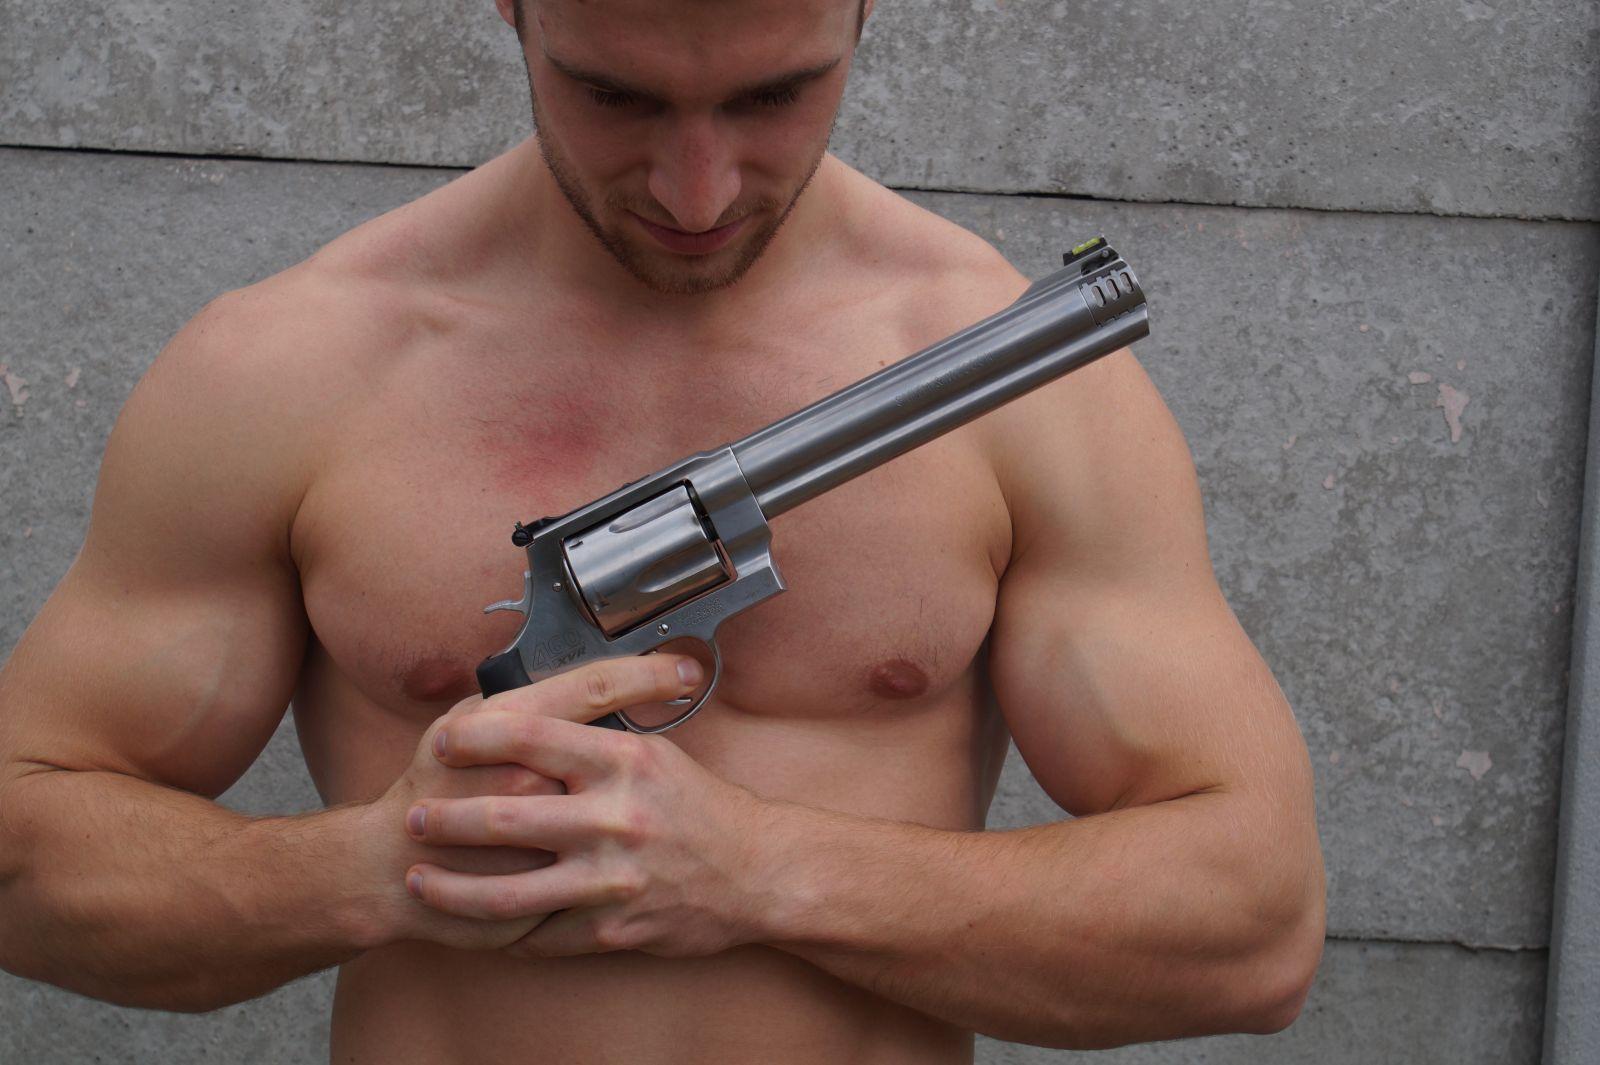 Průřez světem zbraní - BASIC